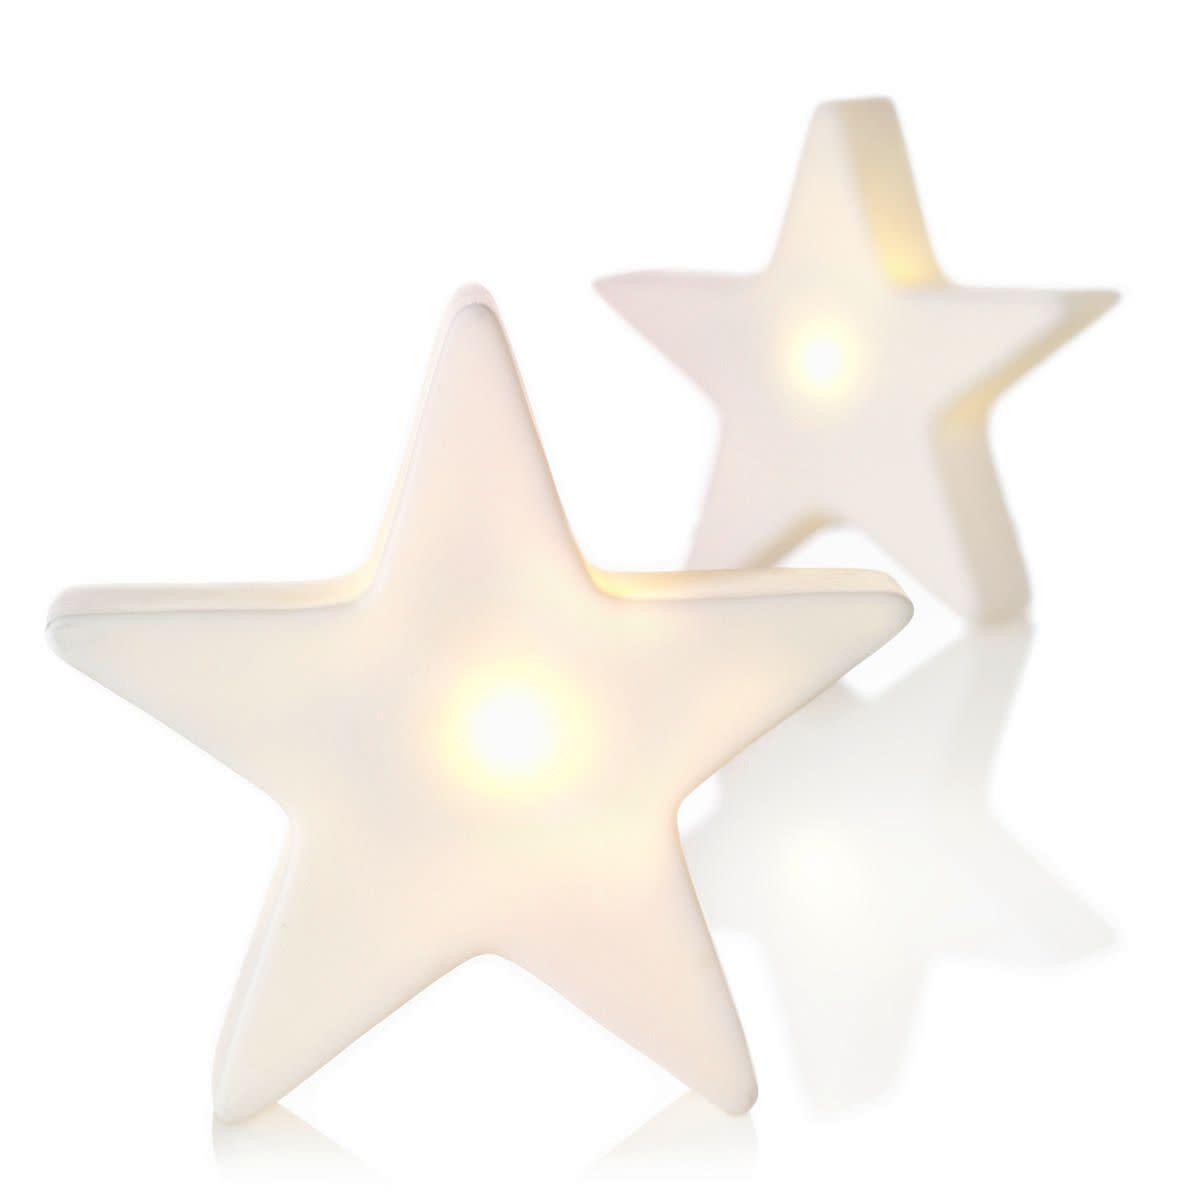 Leuchtfiguren-Set, 2-tlg., LED, Kunststoff (Impressionen)